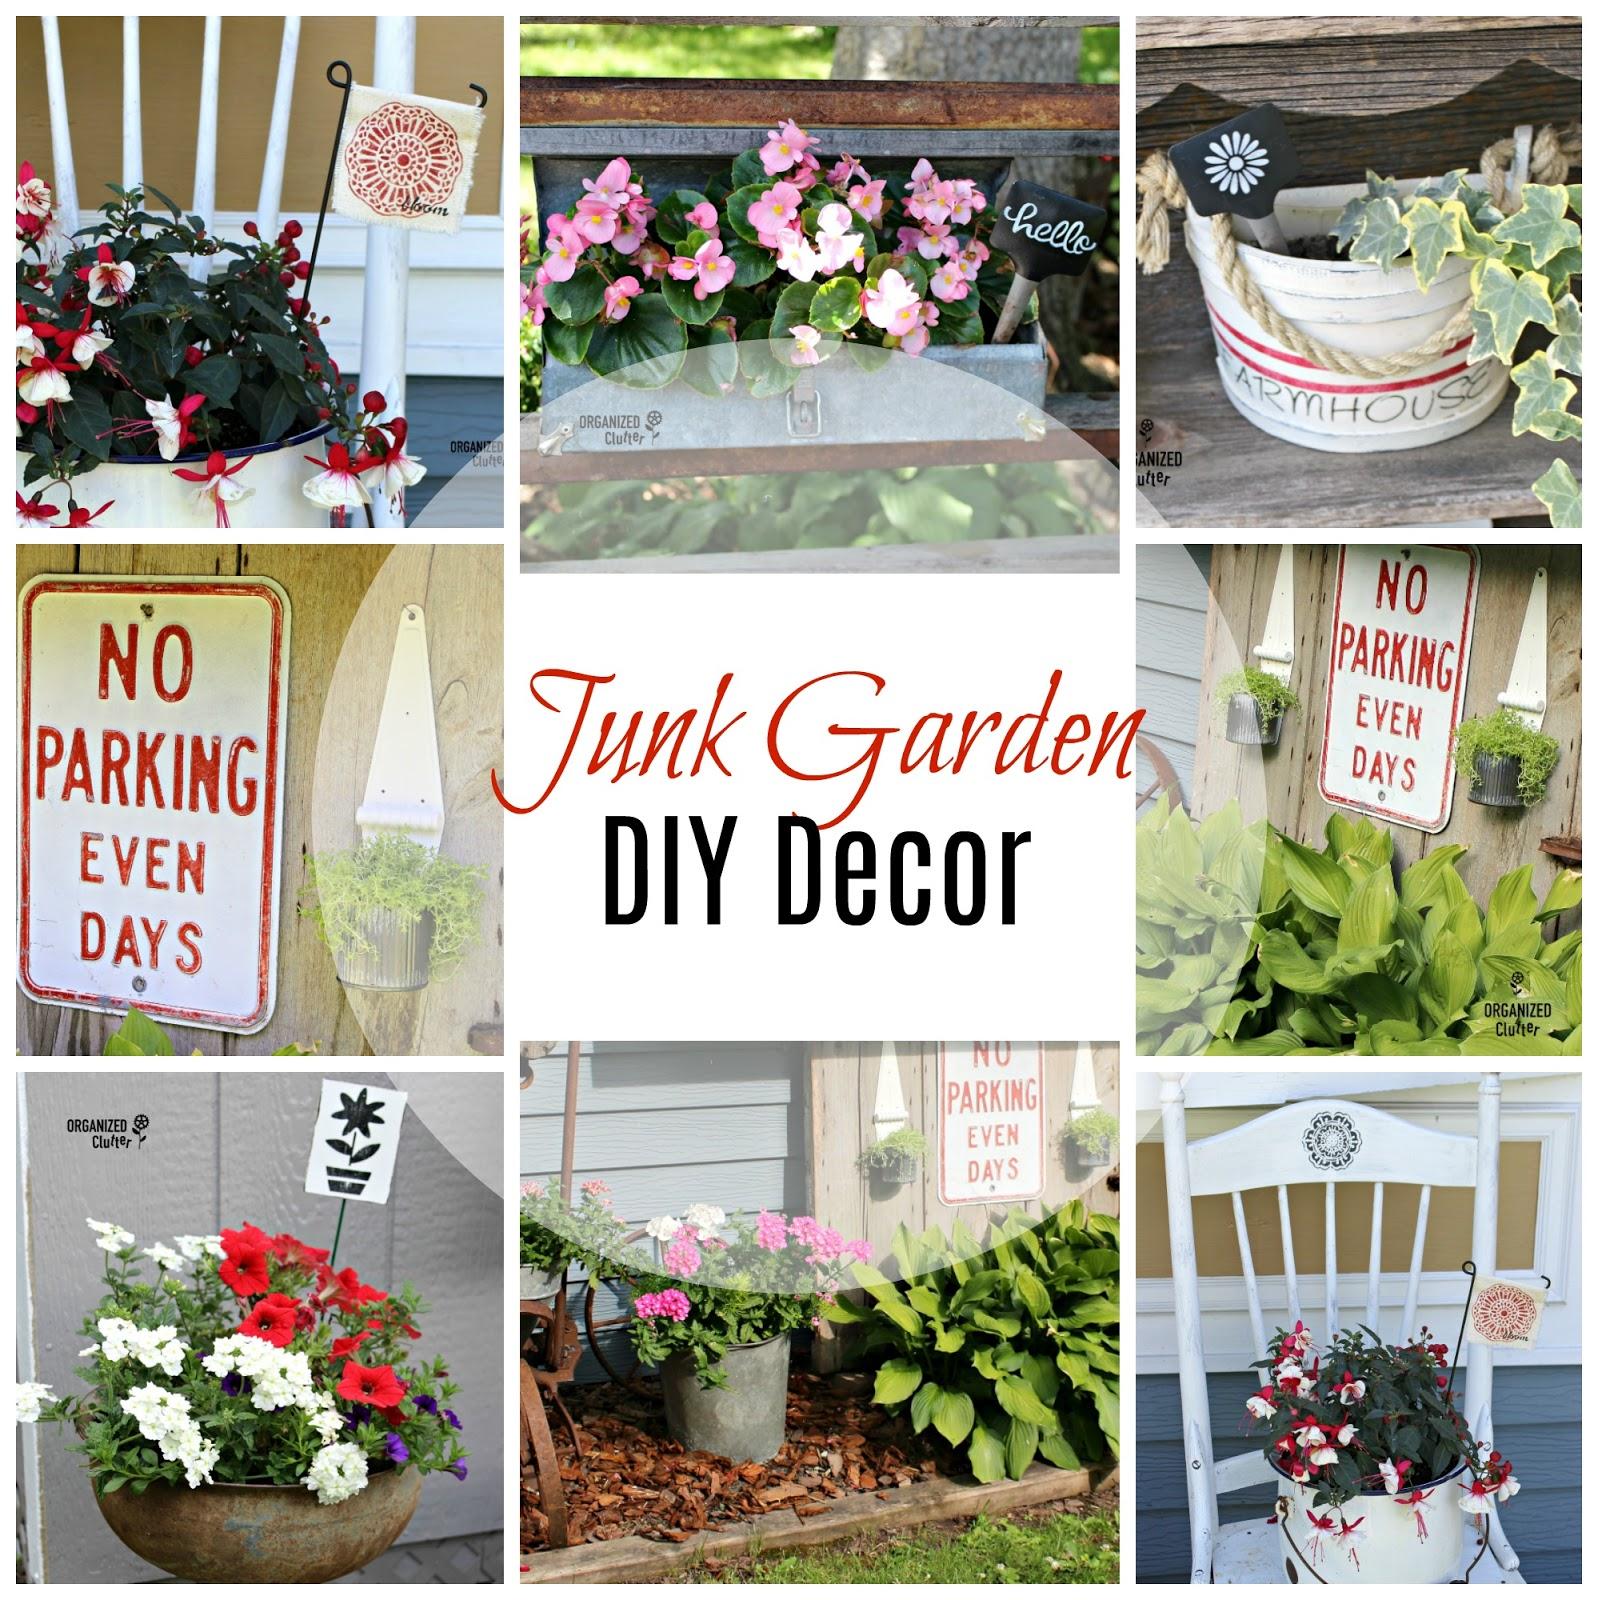 Diy Junk Garden Decor #Upcycle #Repurpose #Stencil